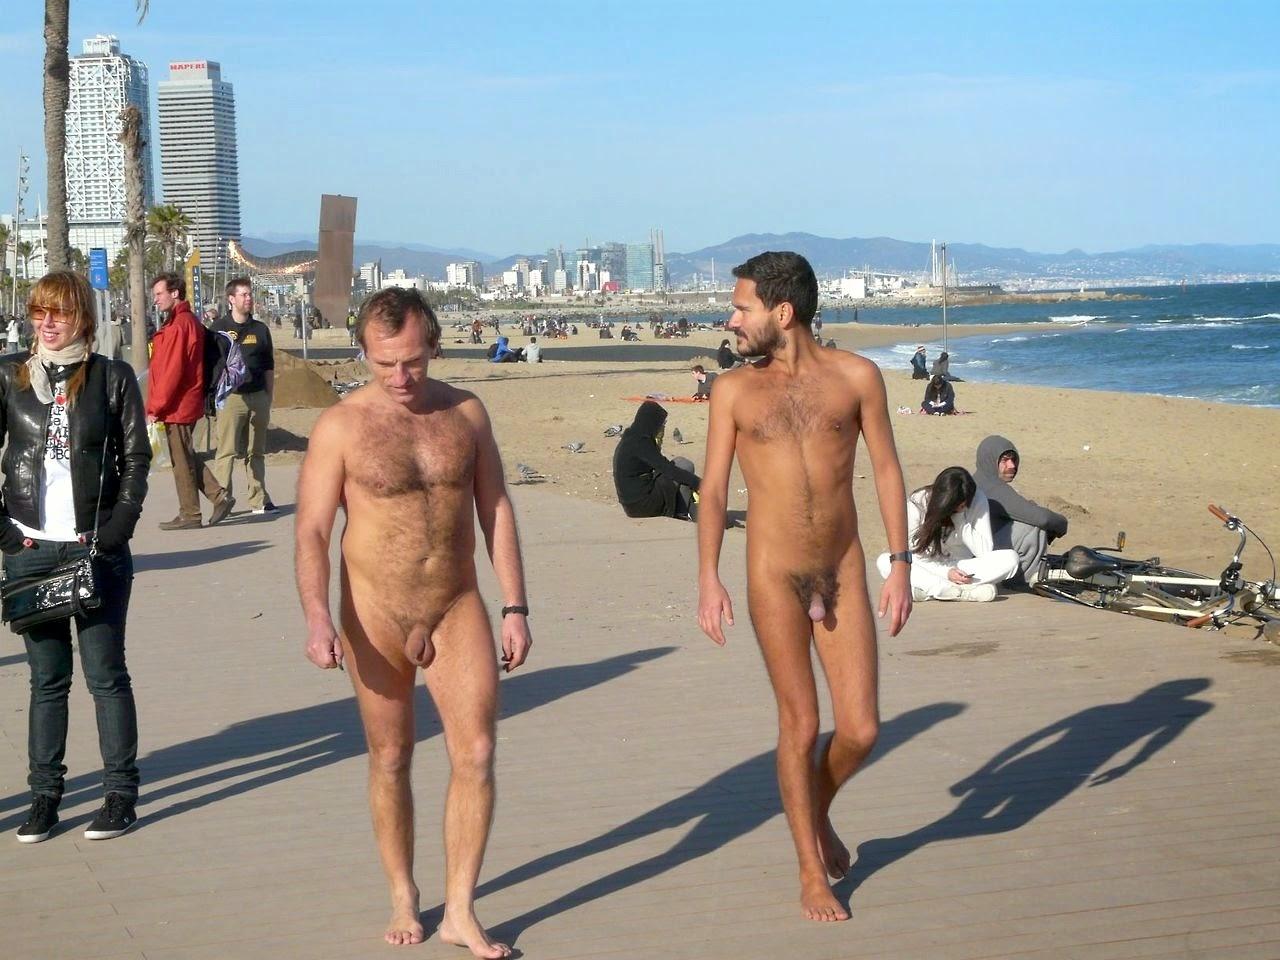 naked girls on beach of barcelona